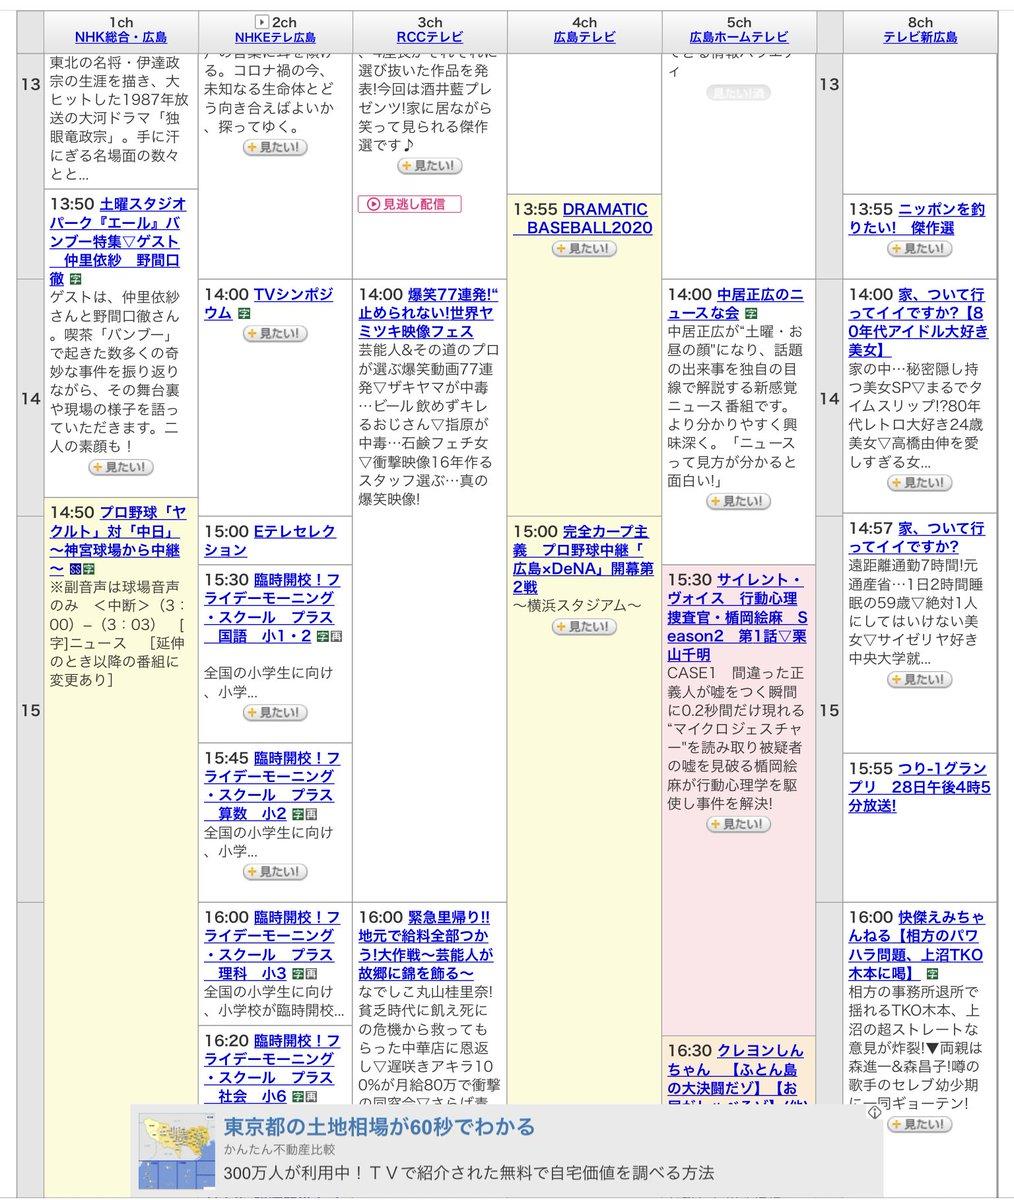 表 tv 広島 番組